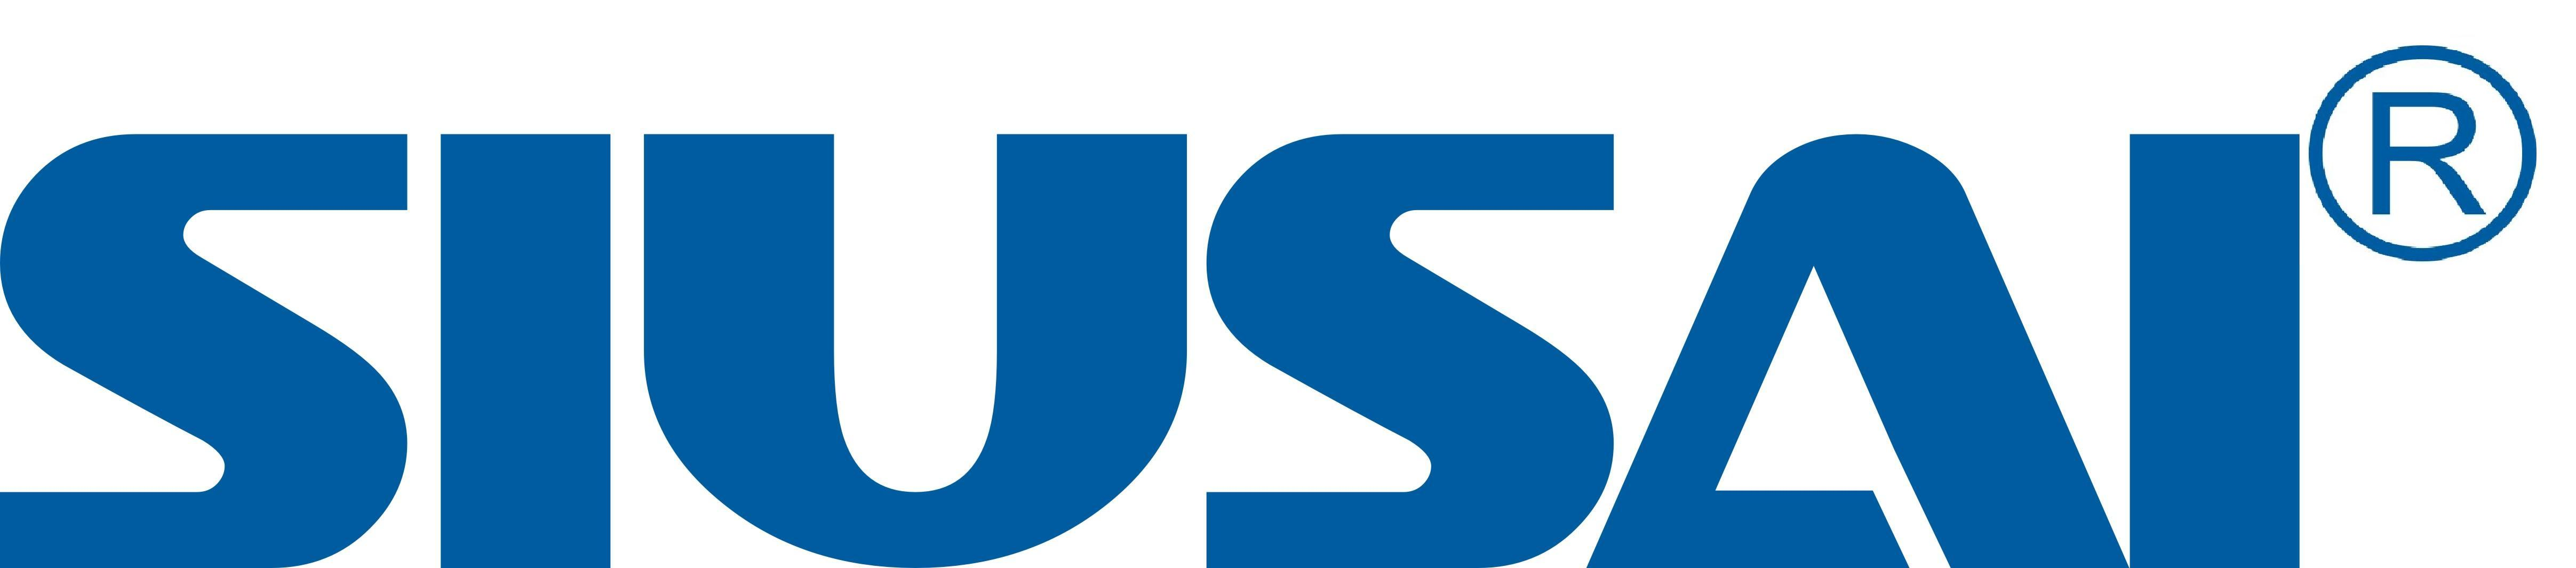 logo 标识 标志 设计 矢量 矢量图 素材 图标 4829_1065